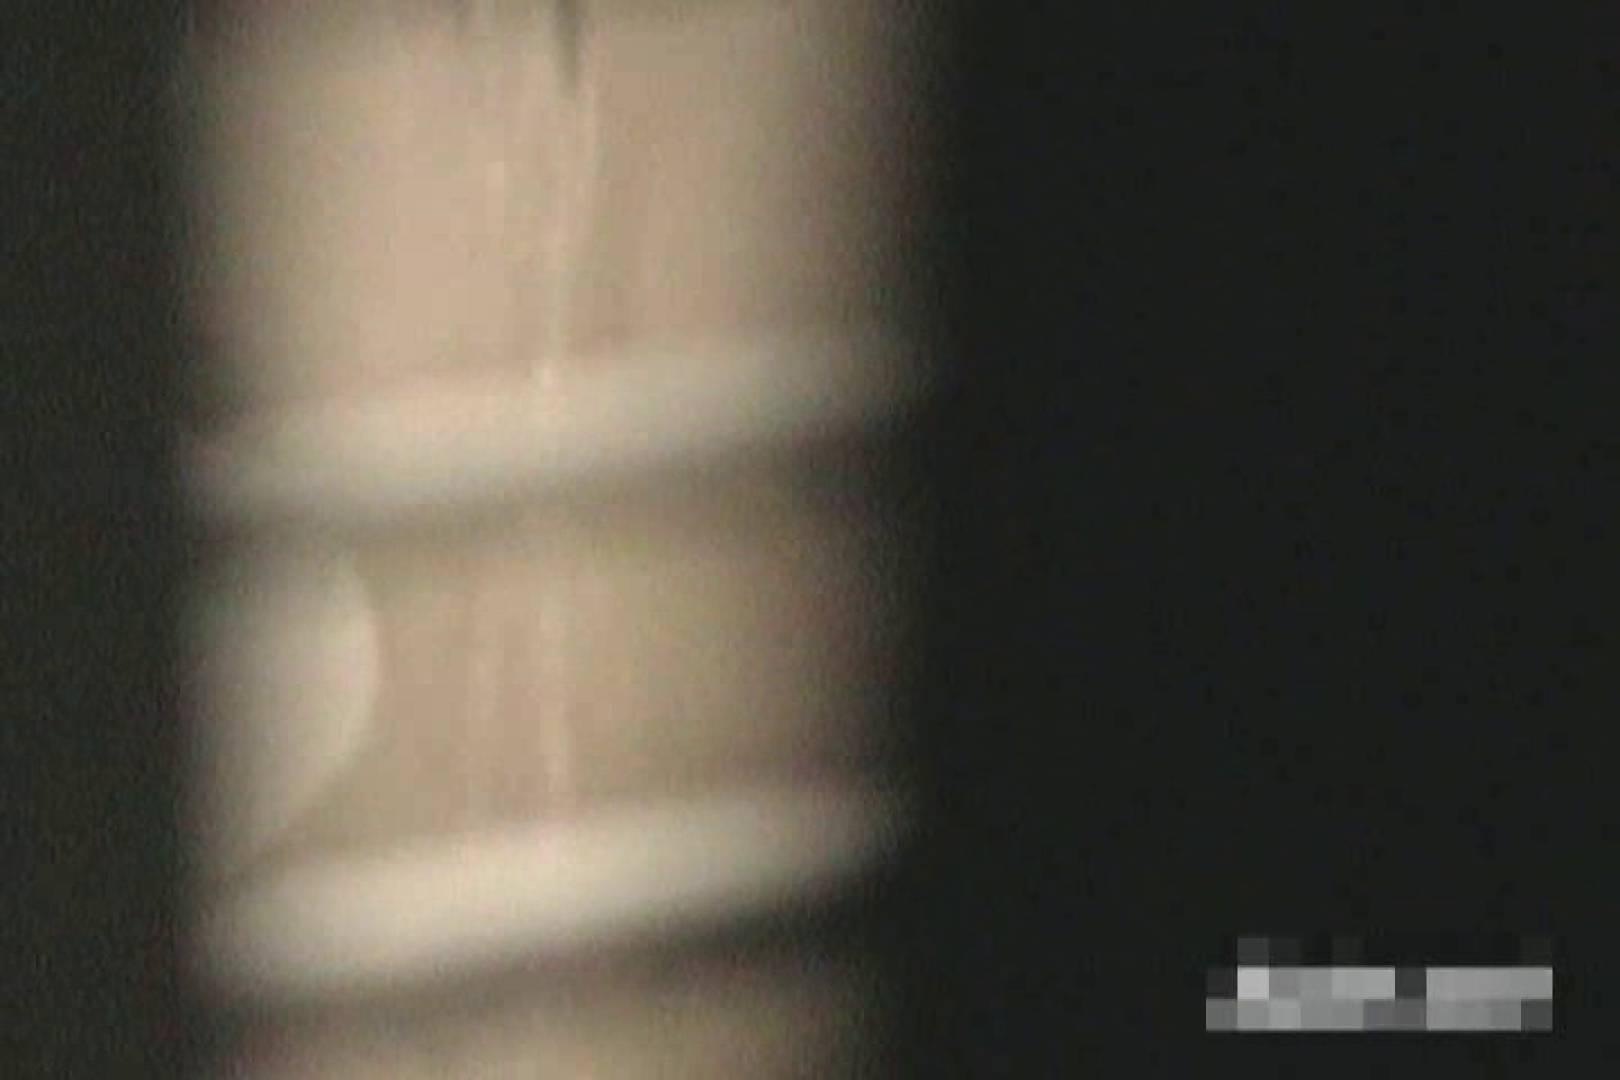 激撮ストーカー記録あなたのお宅拝見しますVol.5 プライベート | エロティックなOL  103画像 51